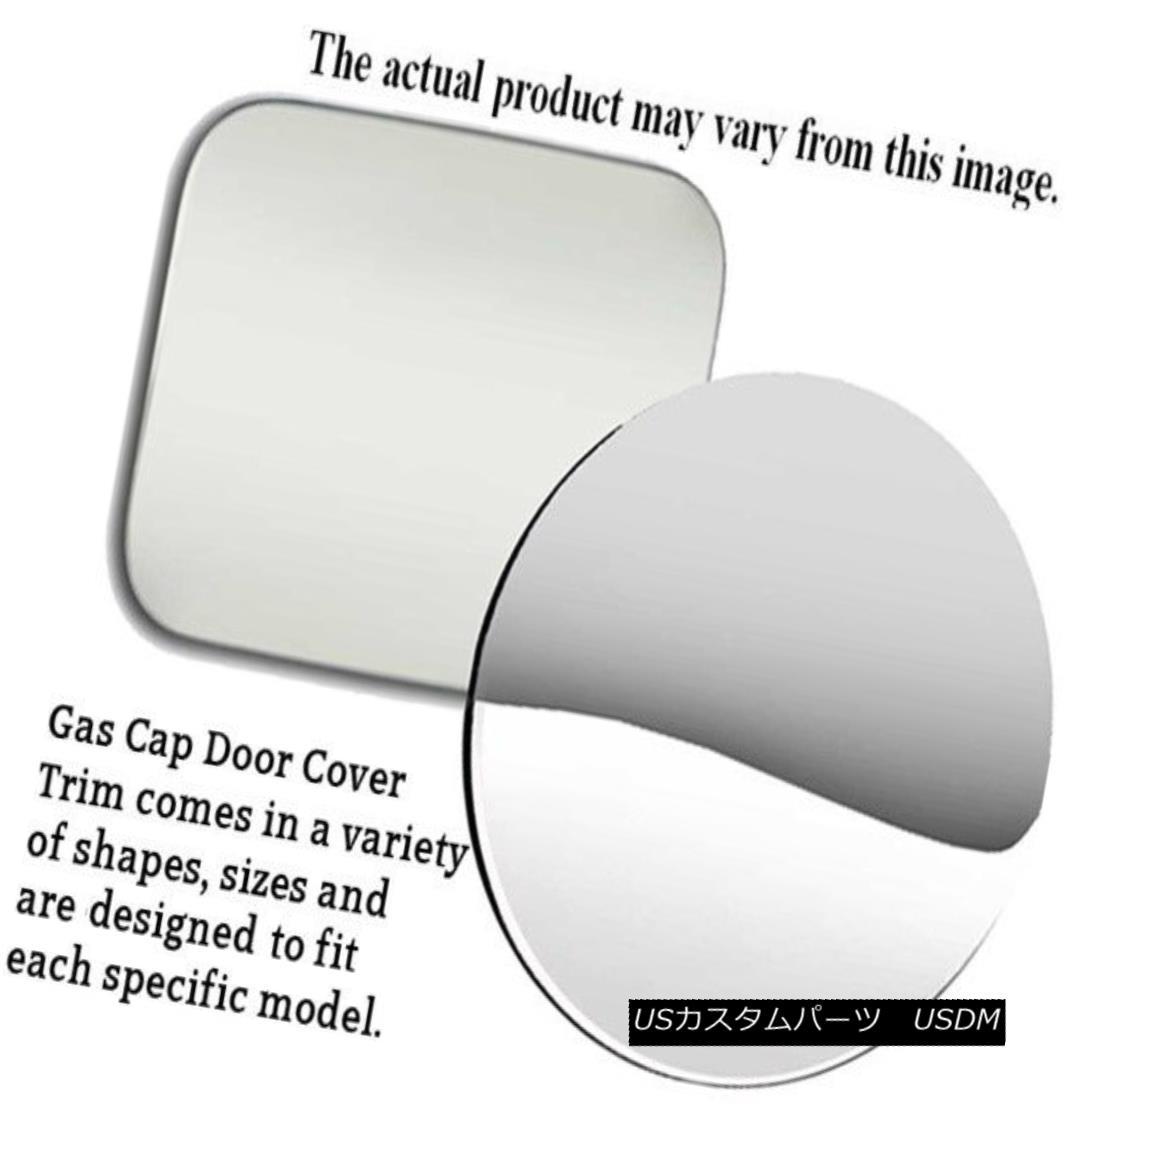 グリル Fits 1999-2005 VOLKSWAGEN PASSAT 4-door -Stainless Steel GAS CAP DOOR 1999-2005フォルクスワーゲンパサート4ドアステンレススチールガスCAP DOOR